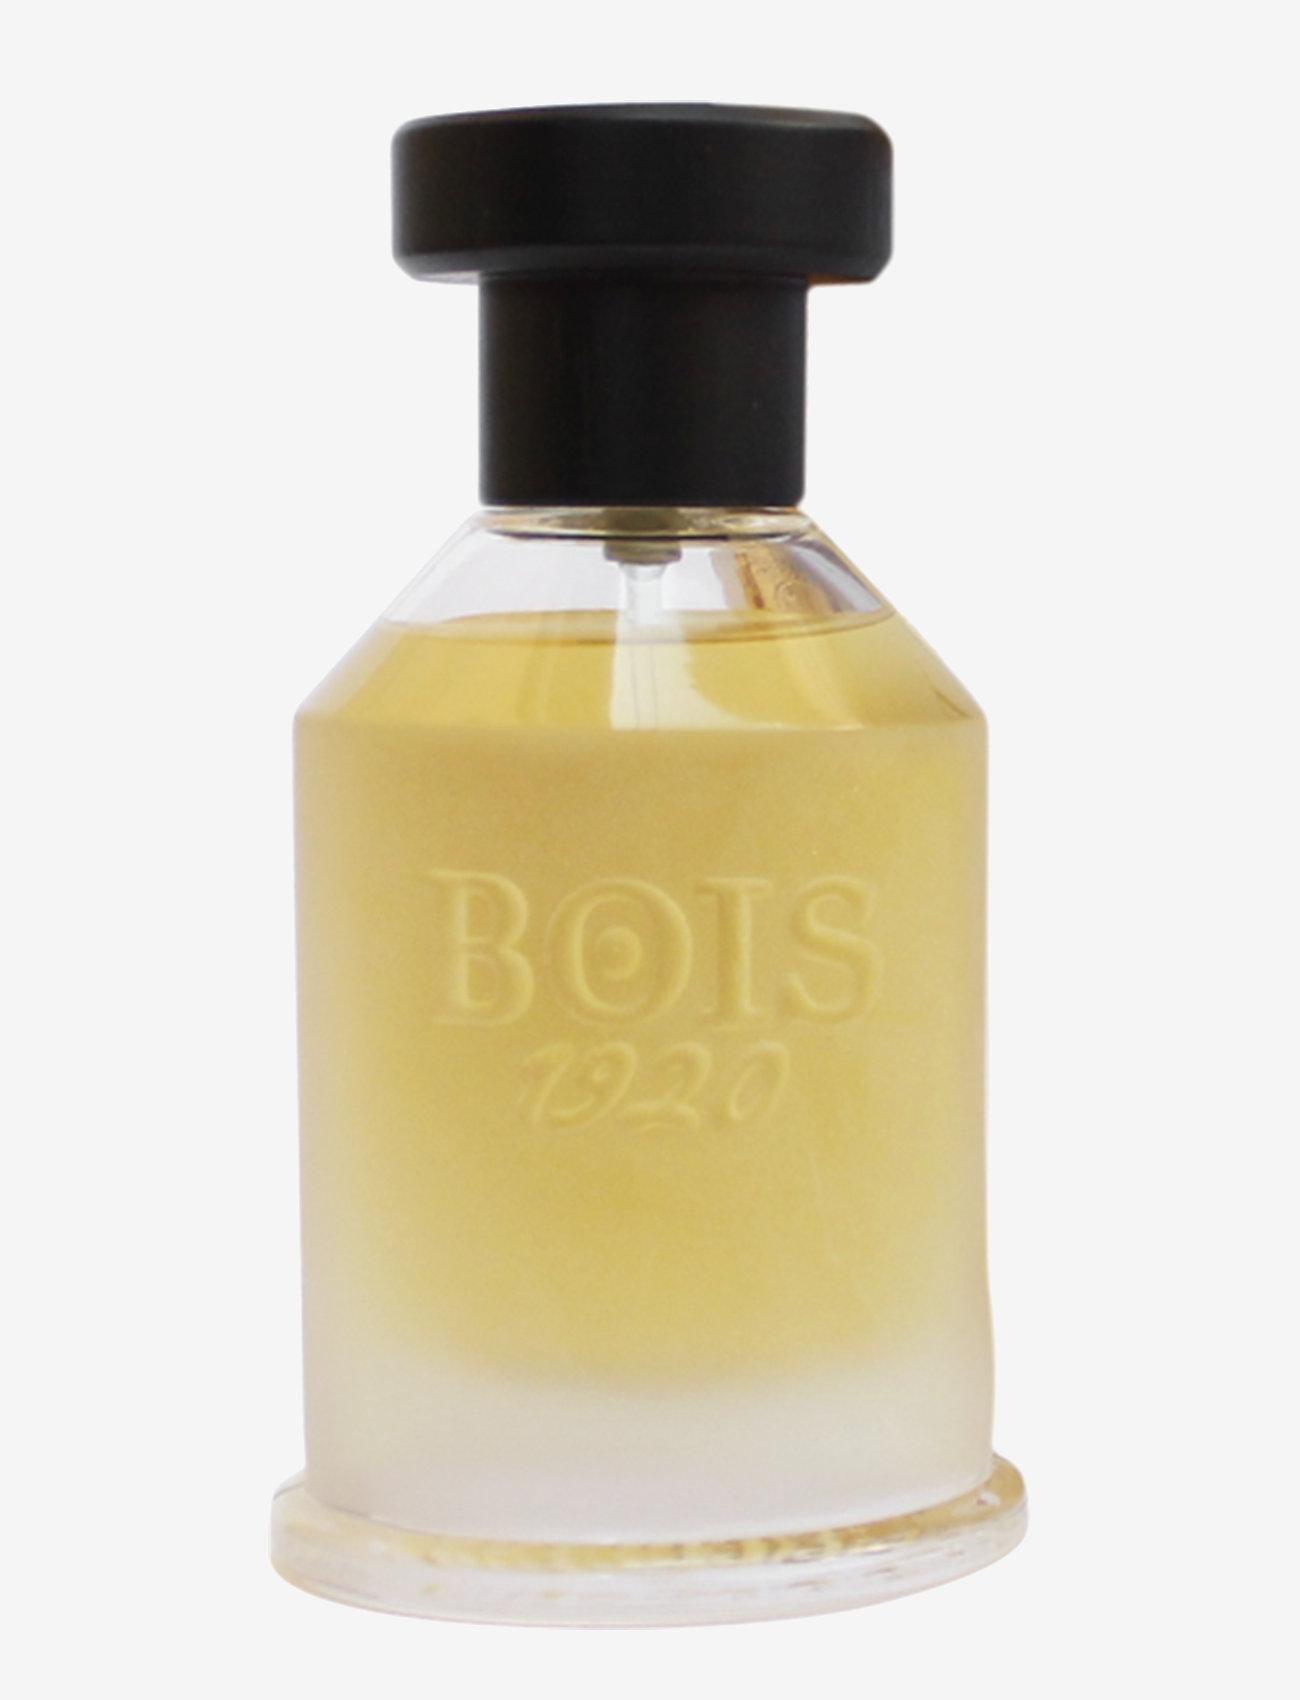 BOIS - SUSHI IMPERIALE - eau de parfum - black - 1